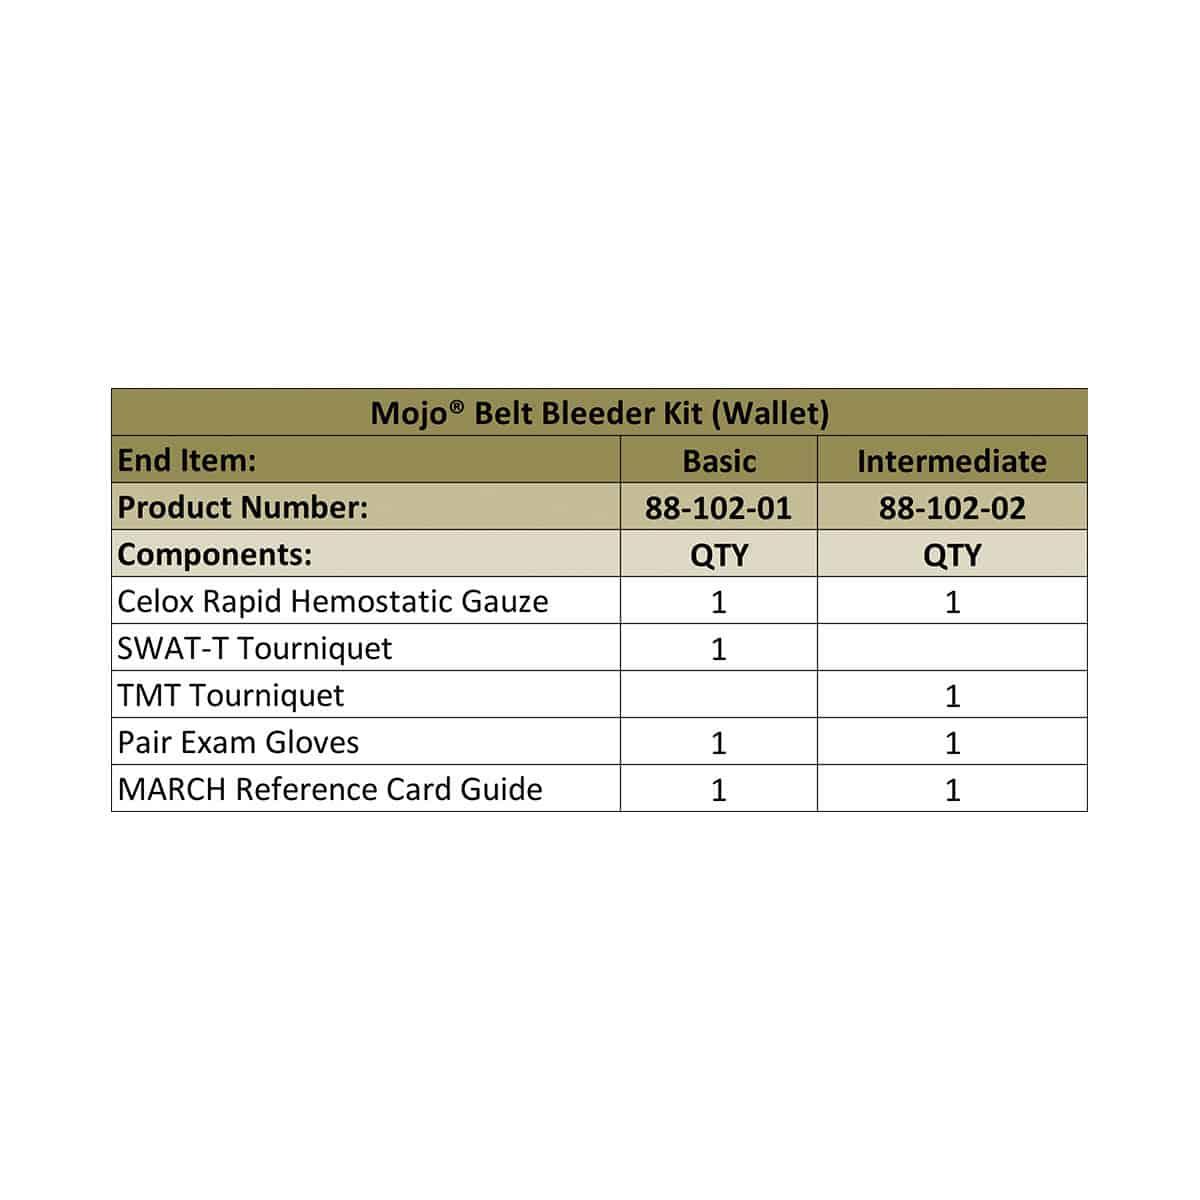 mojo belt bleeder kit wallet chart